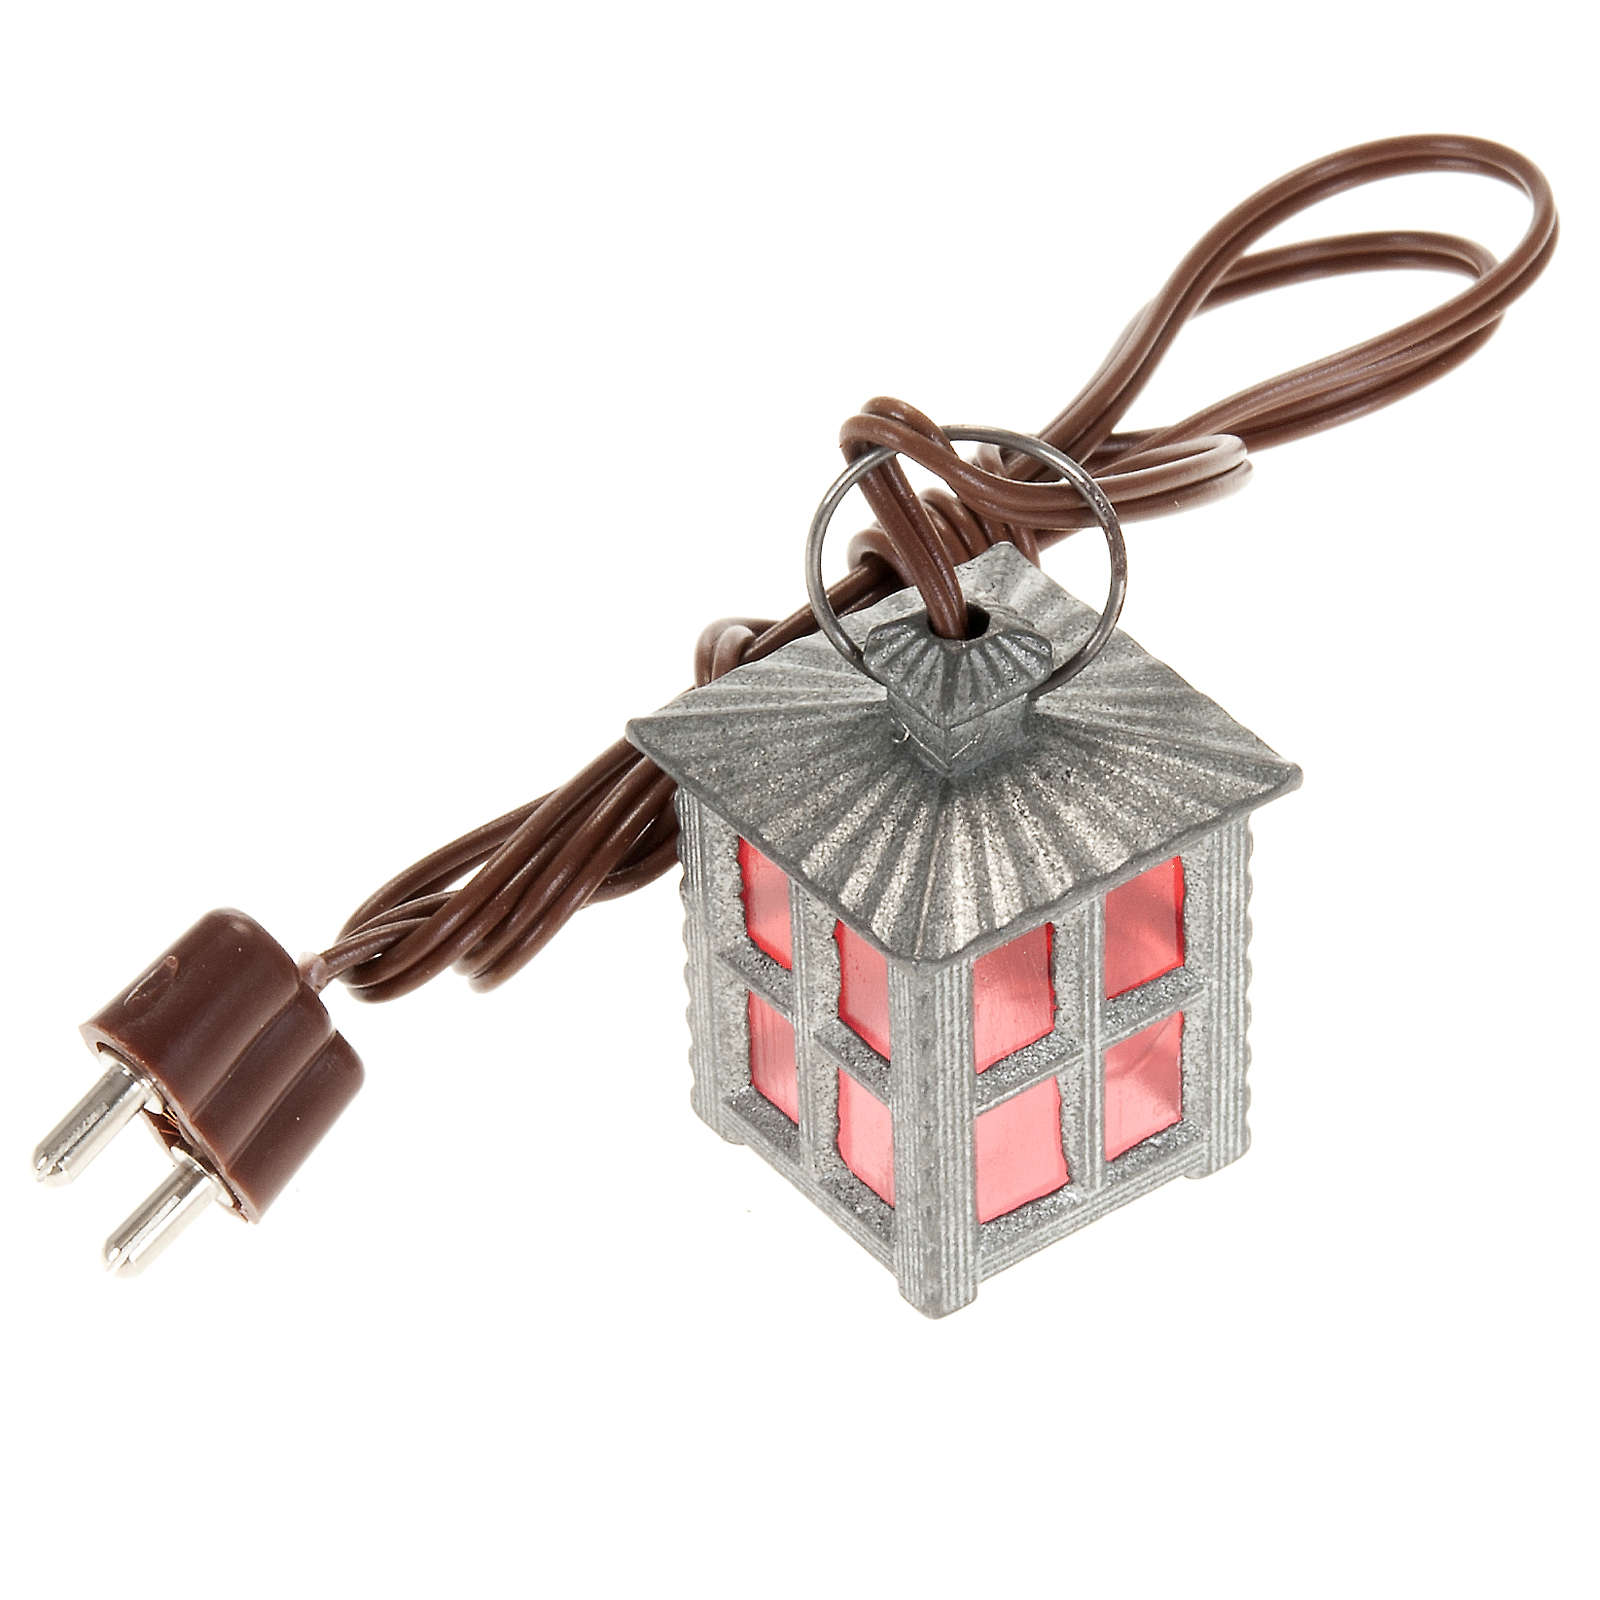 Mini lanterne métal lumière rouge h 2,5 cm 4